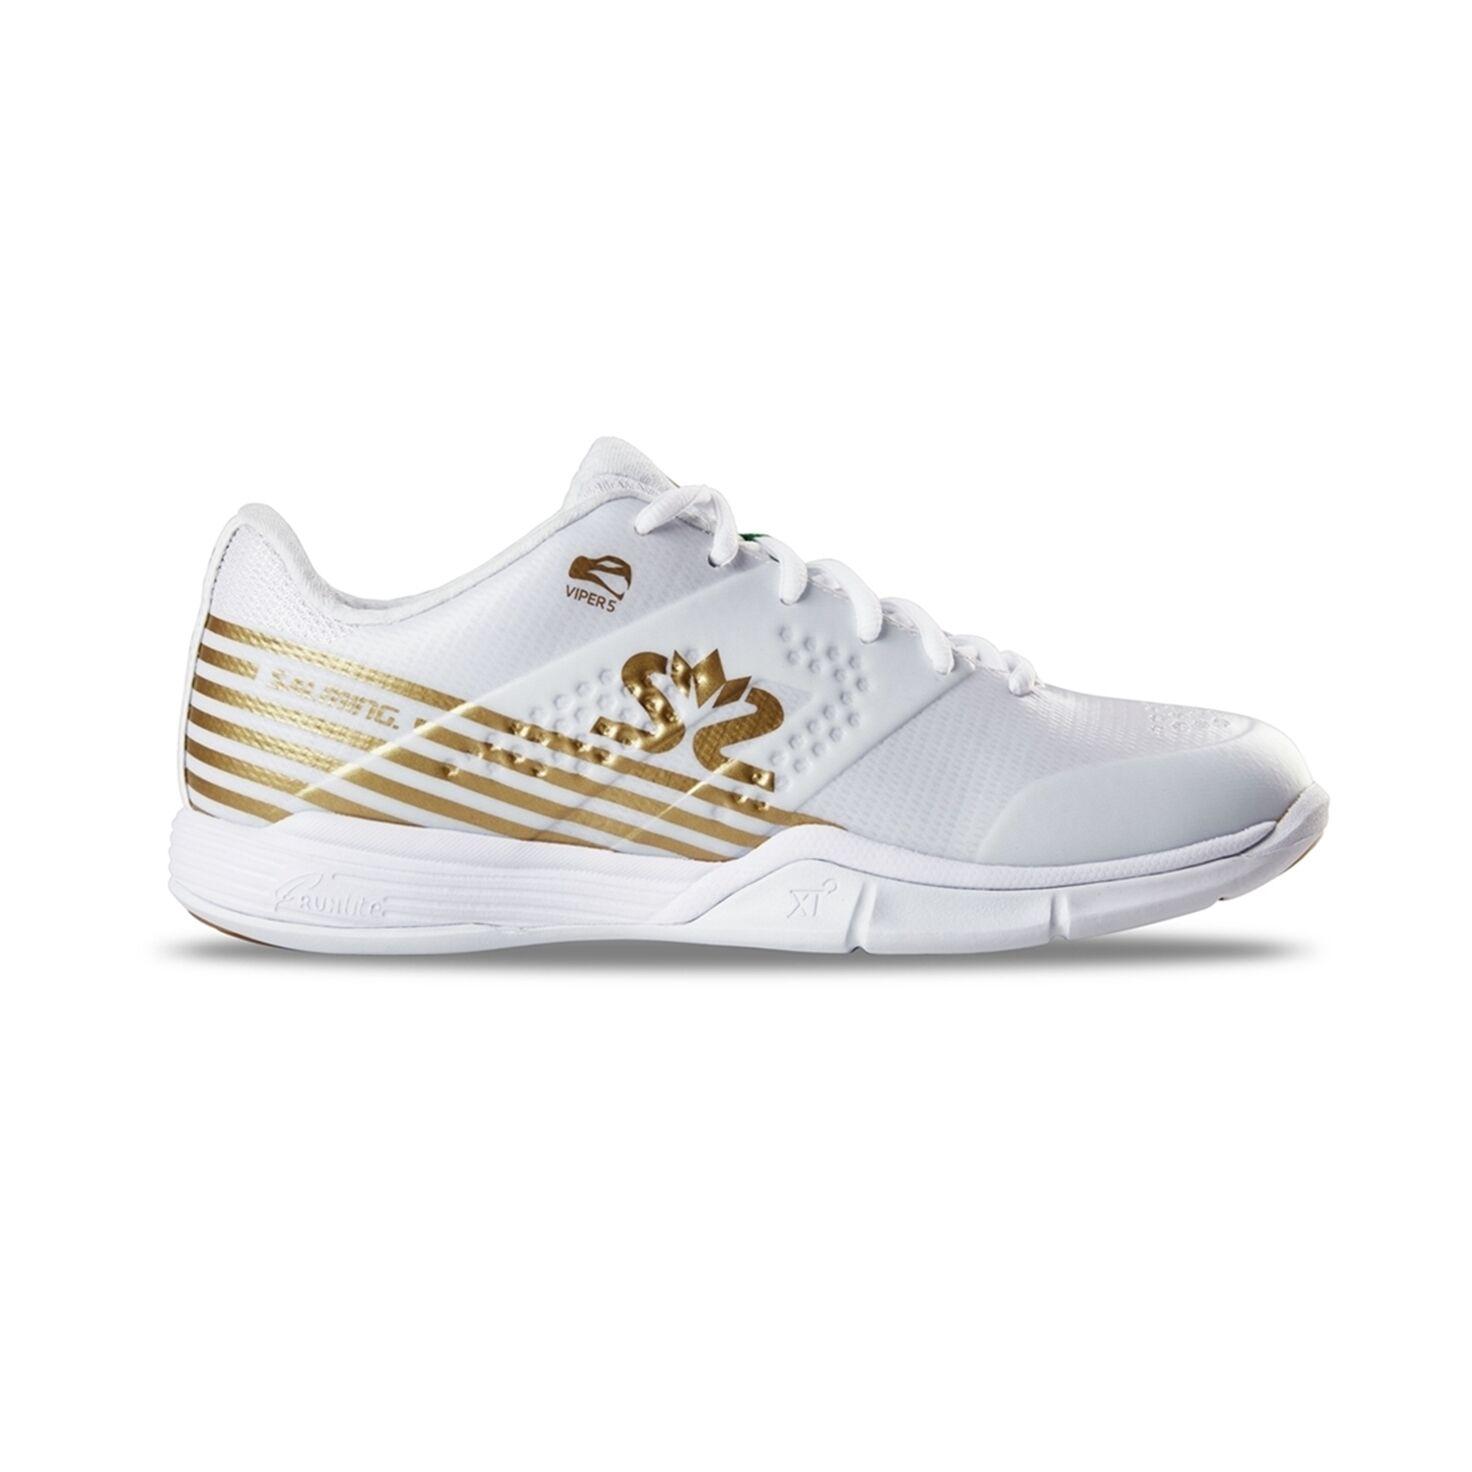 Salming Viper 5 Women White/Gold 38 2/3